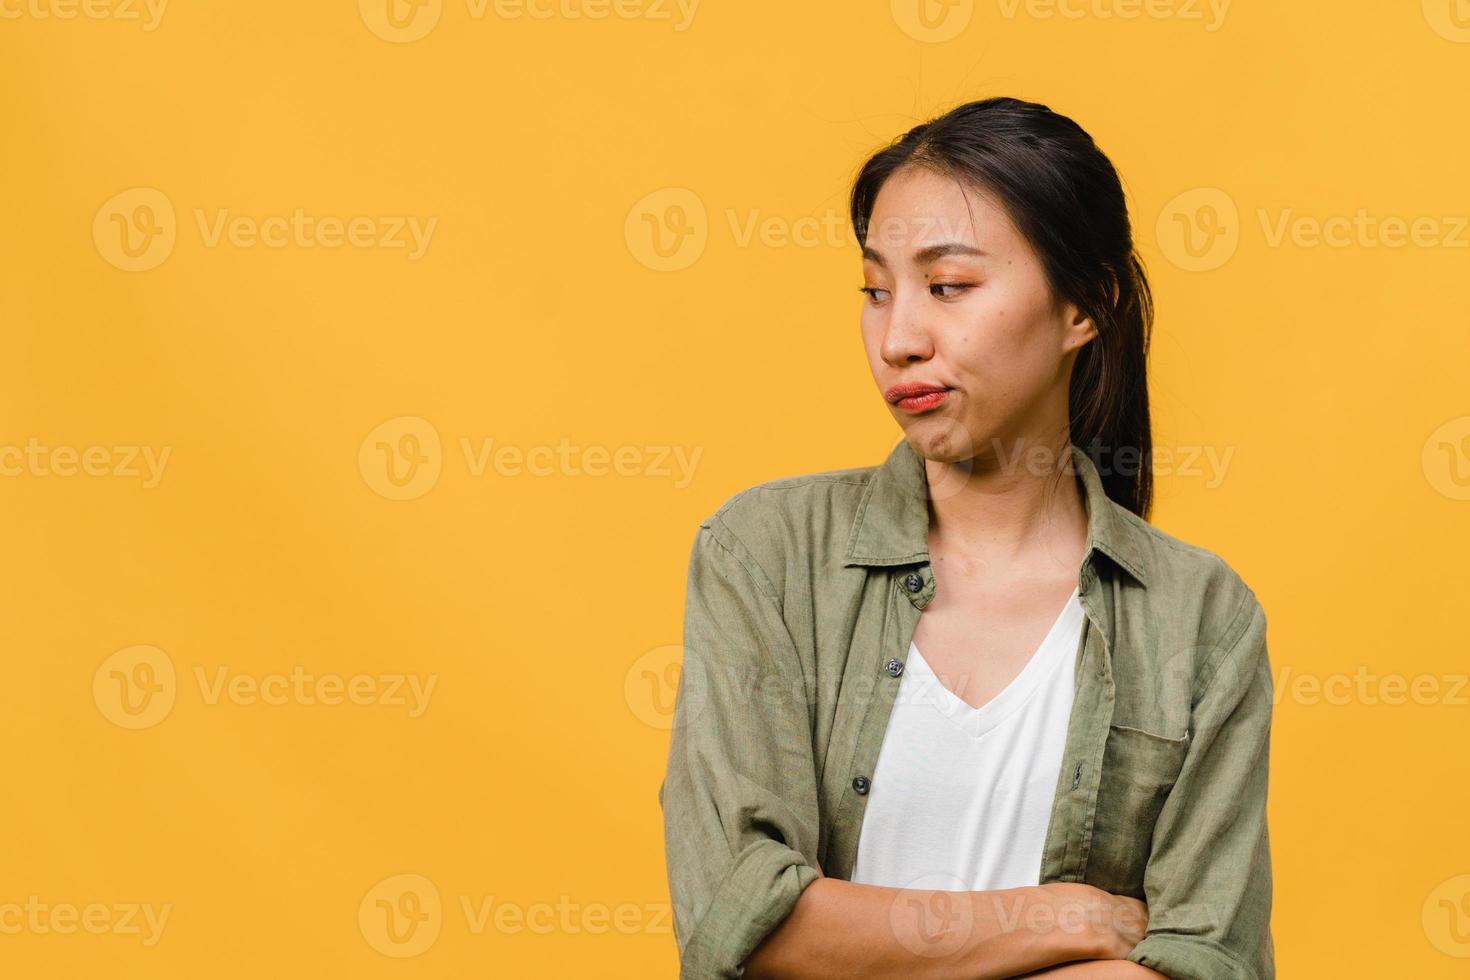 Porträt einer jungen asiatischen Dame mit negativem Ausdruck, aufgeregtem Schreien, weinen emotional wütend in Freizeitkleidung einzeln auf gelbem Hintergrund mit leerem Kopienraum. Gesichtsausdruck Konzept. foto